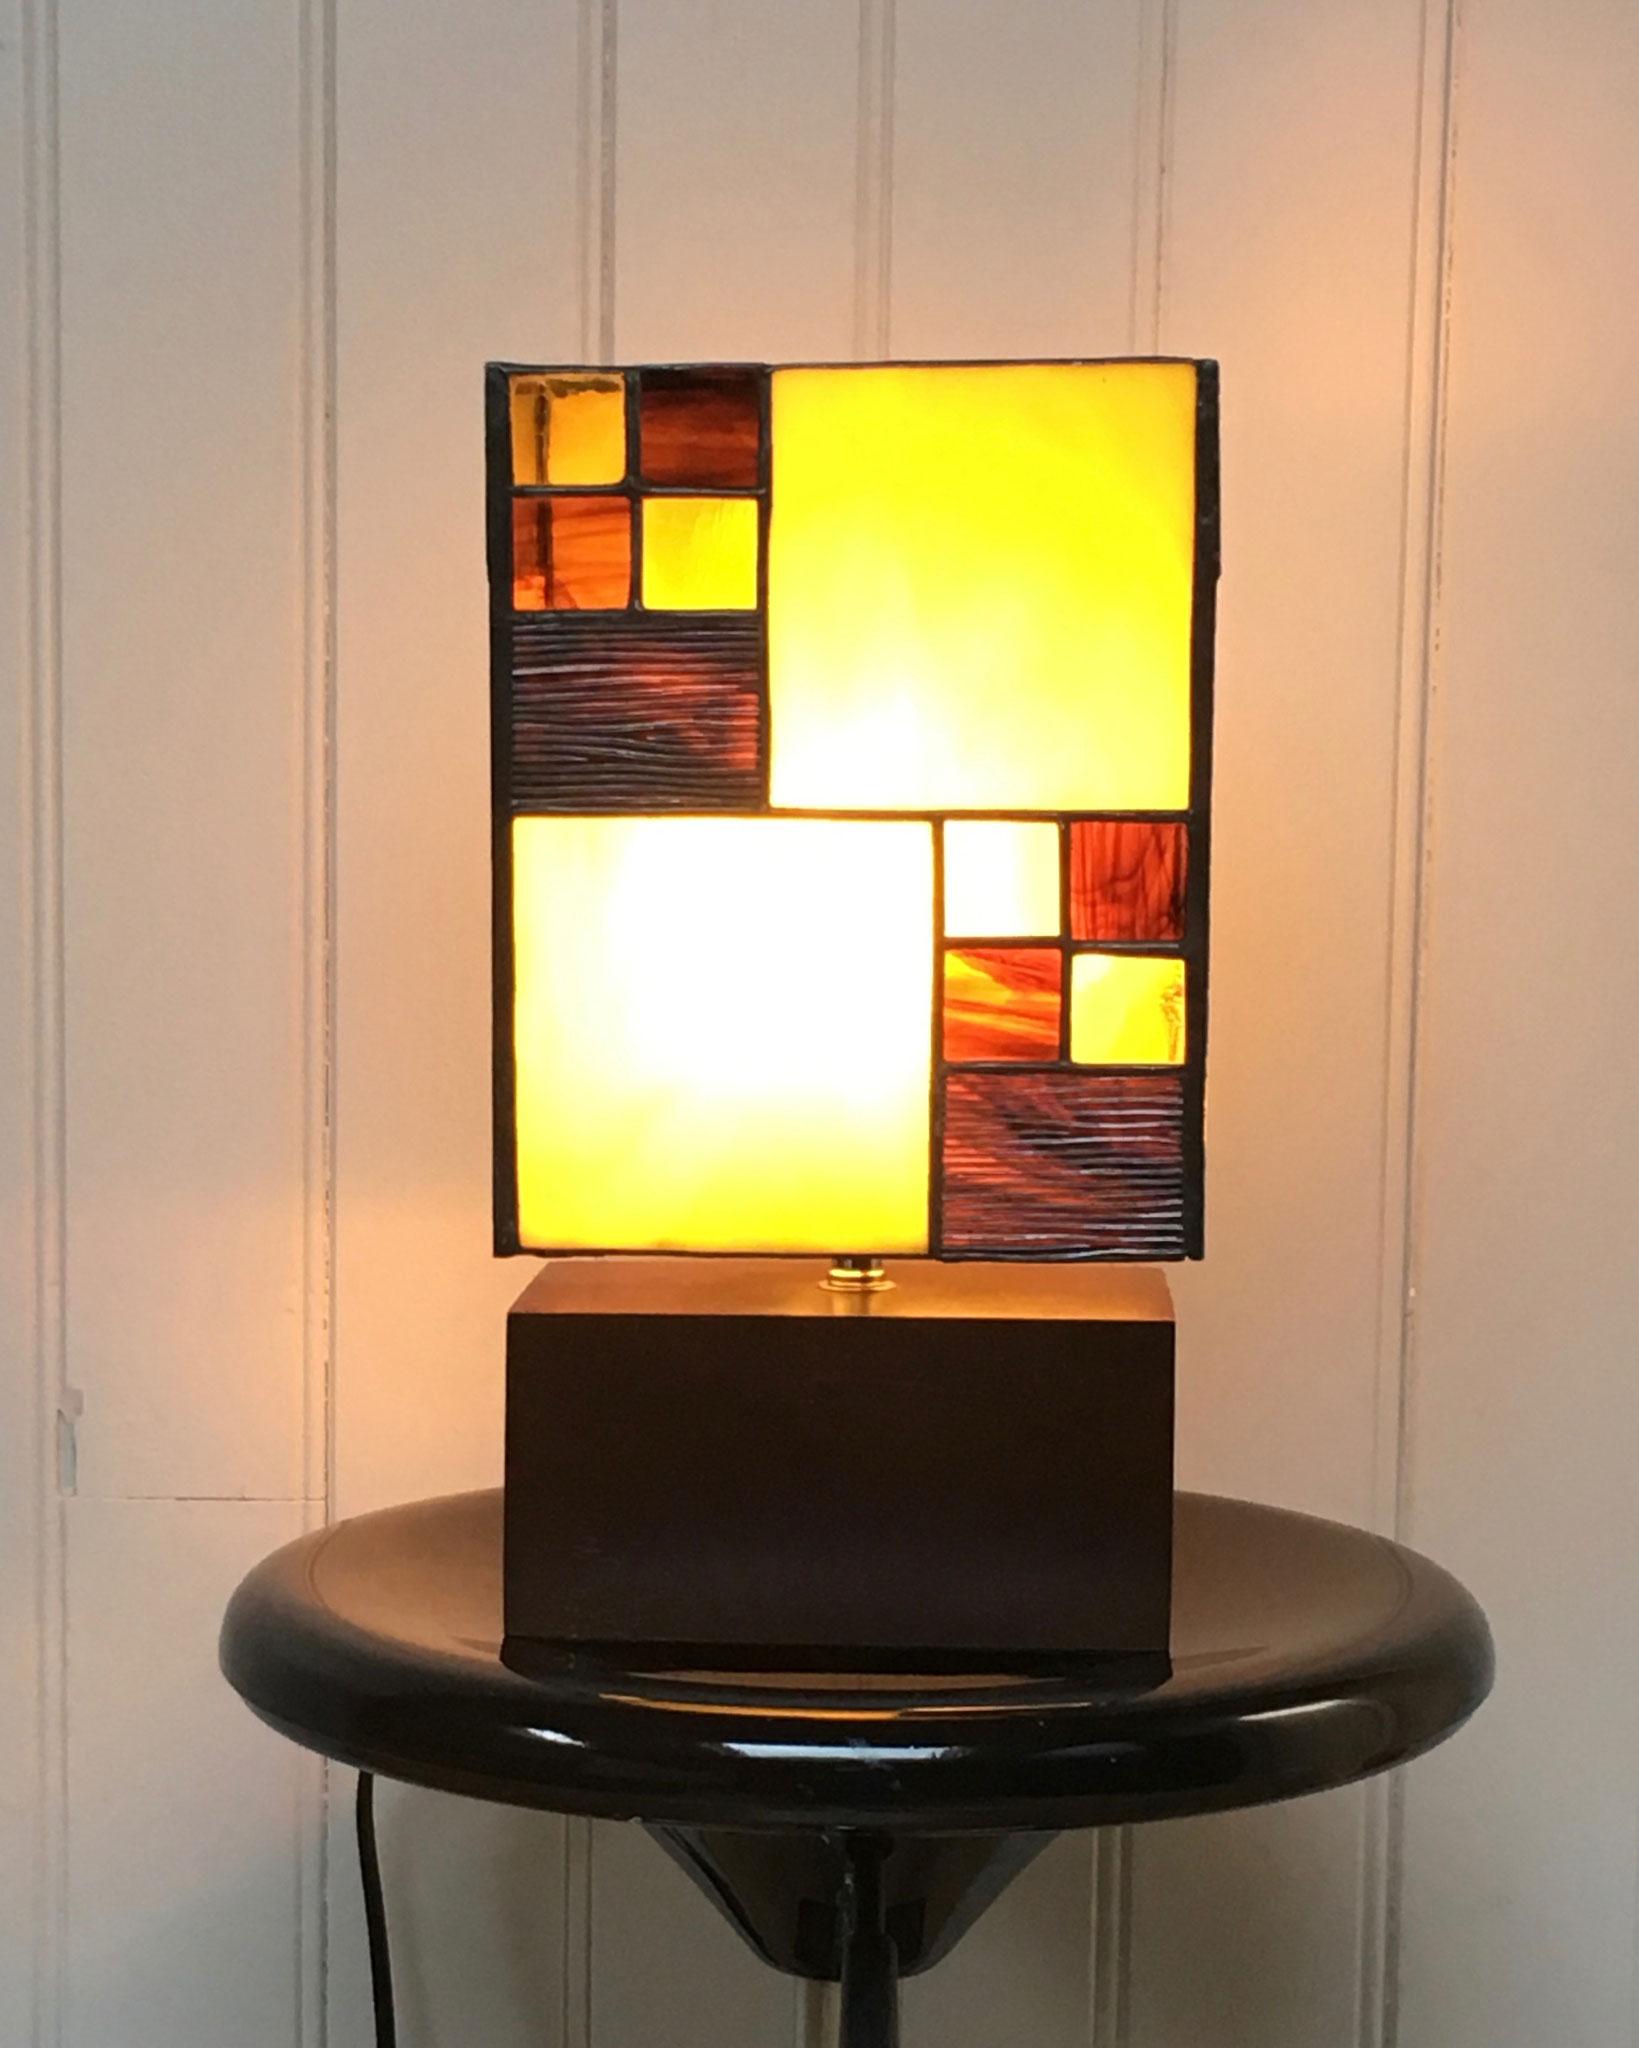 Lampe réalisée en Tiffany sur socle en bois  Allumée